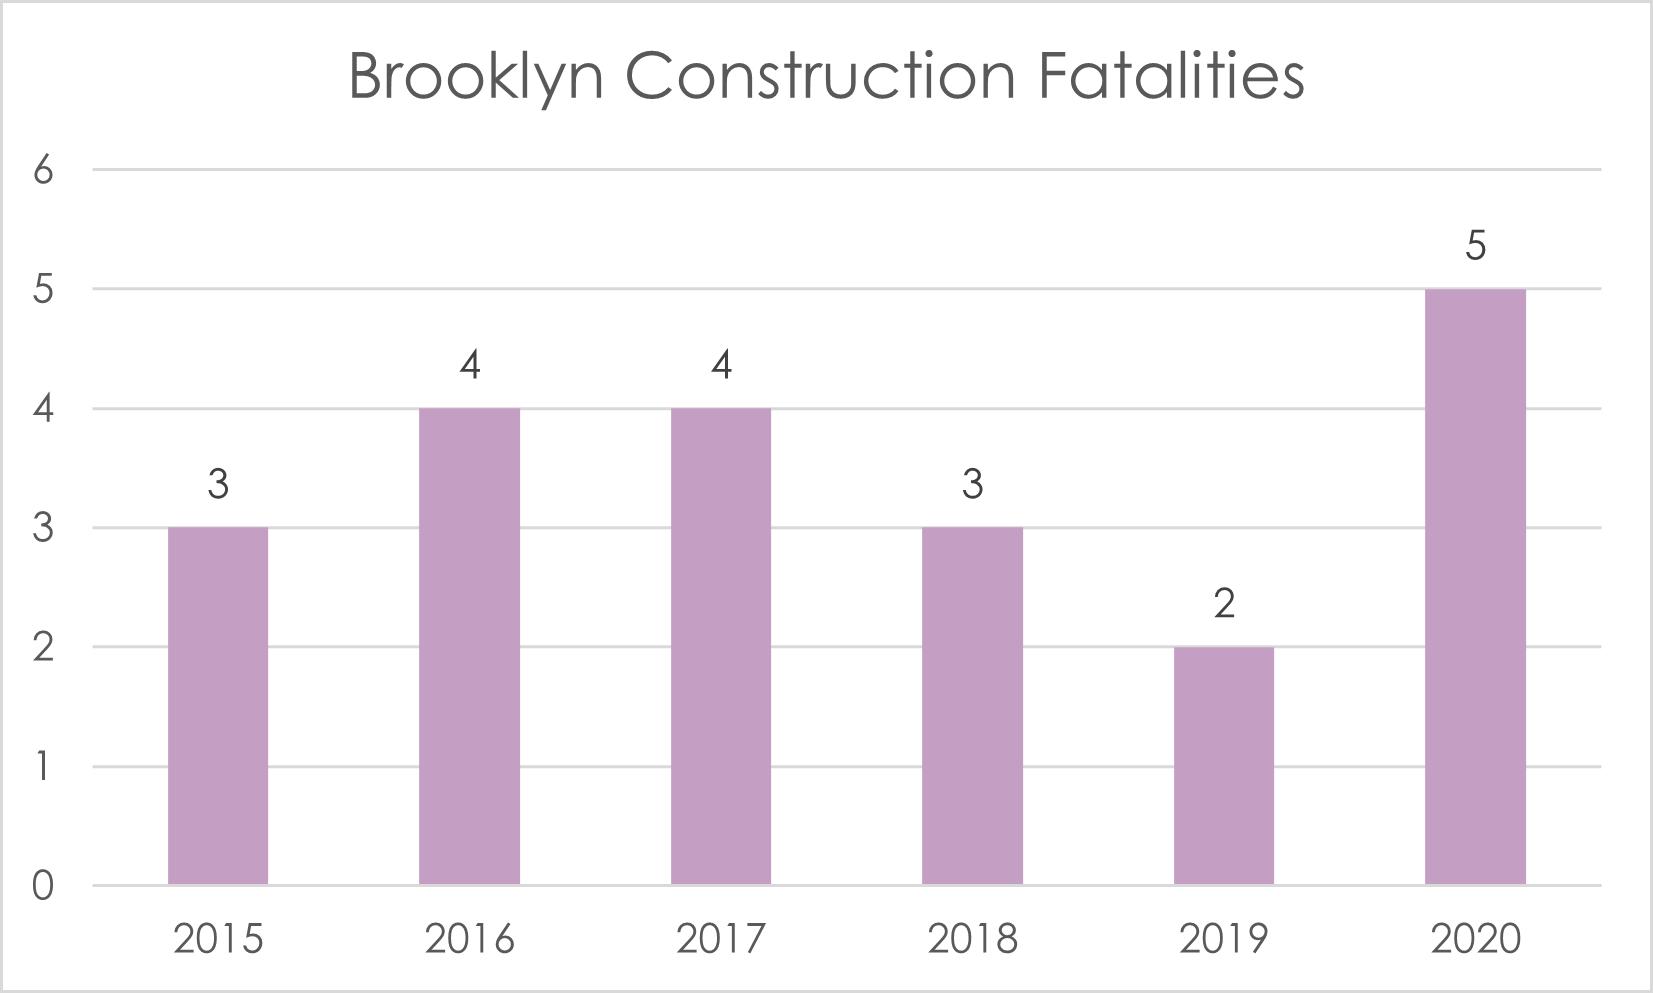 Brooklyn hard hat deaths 2020